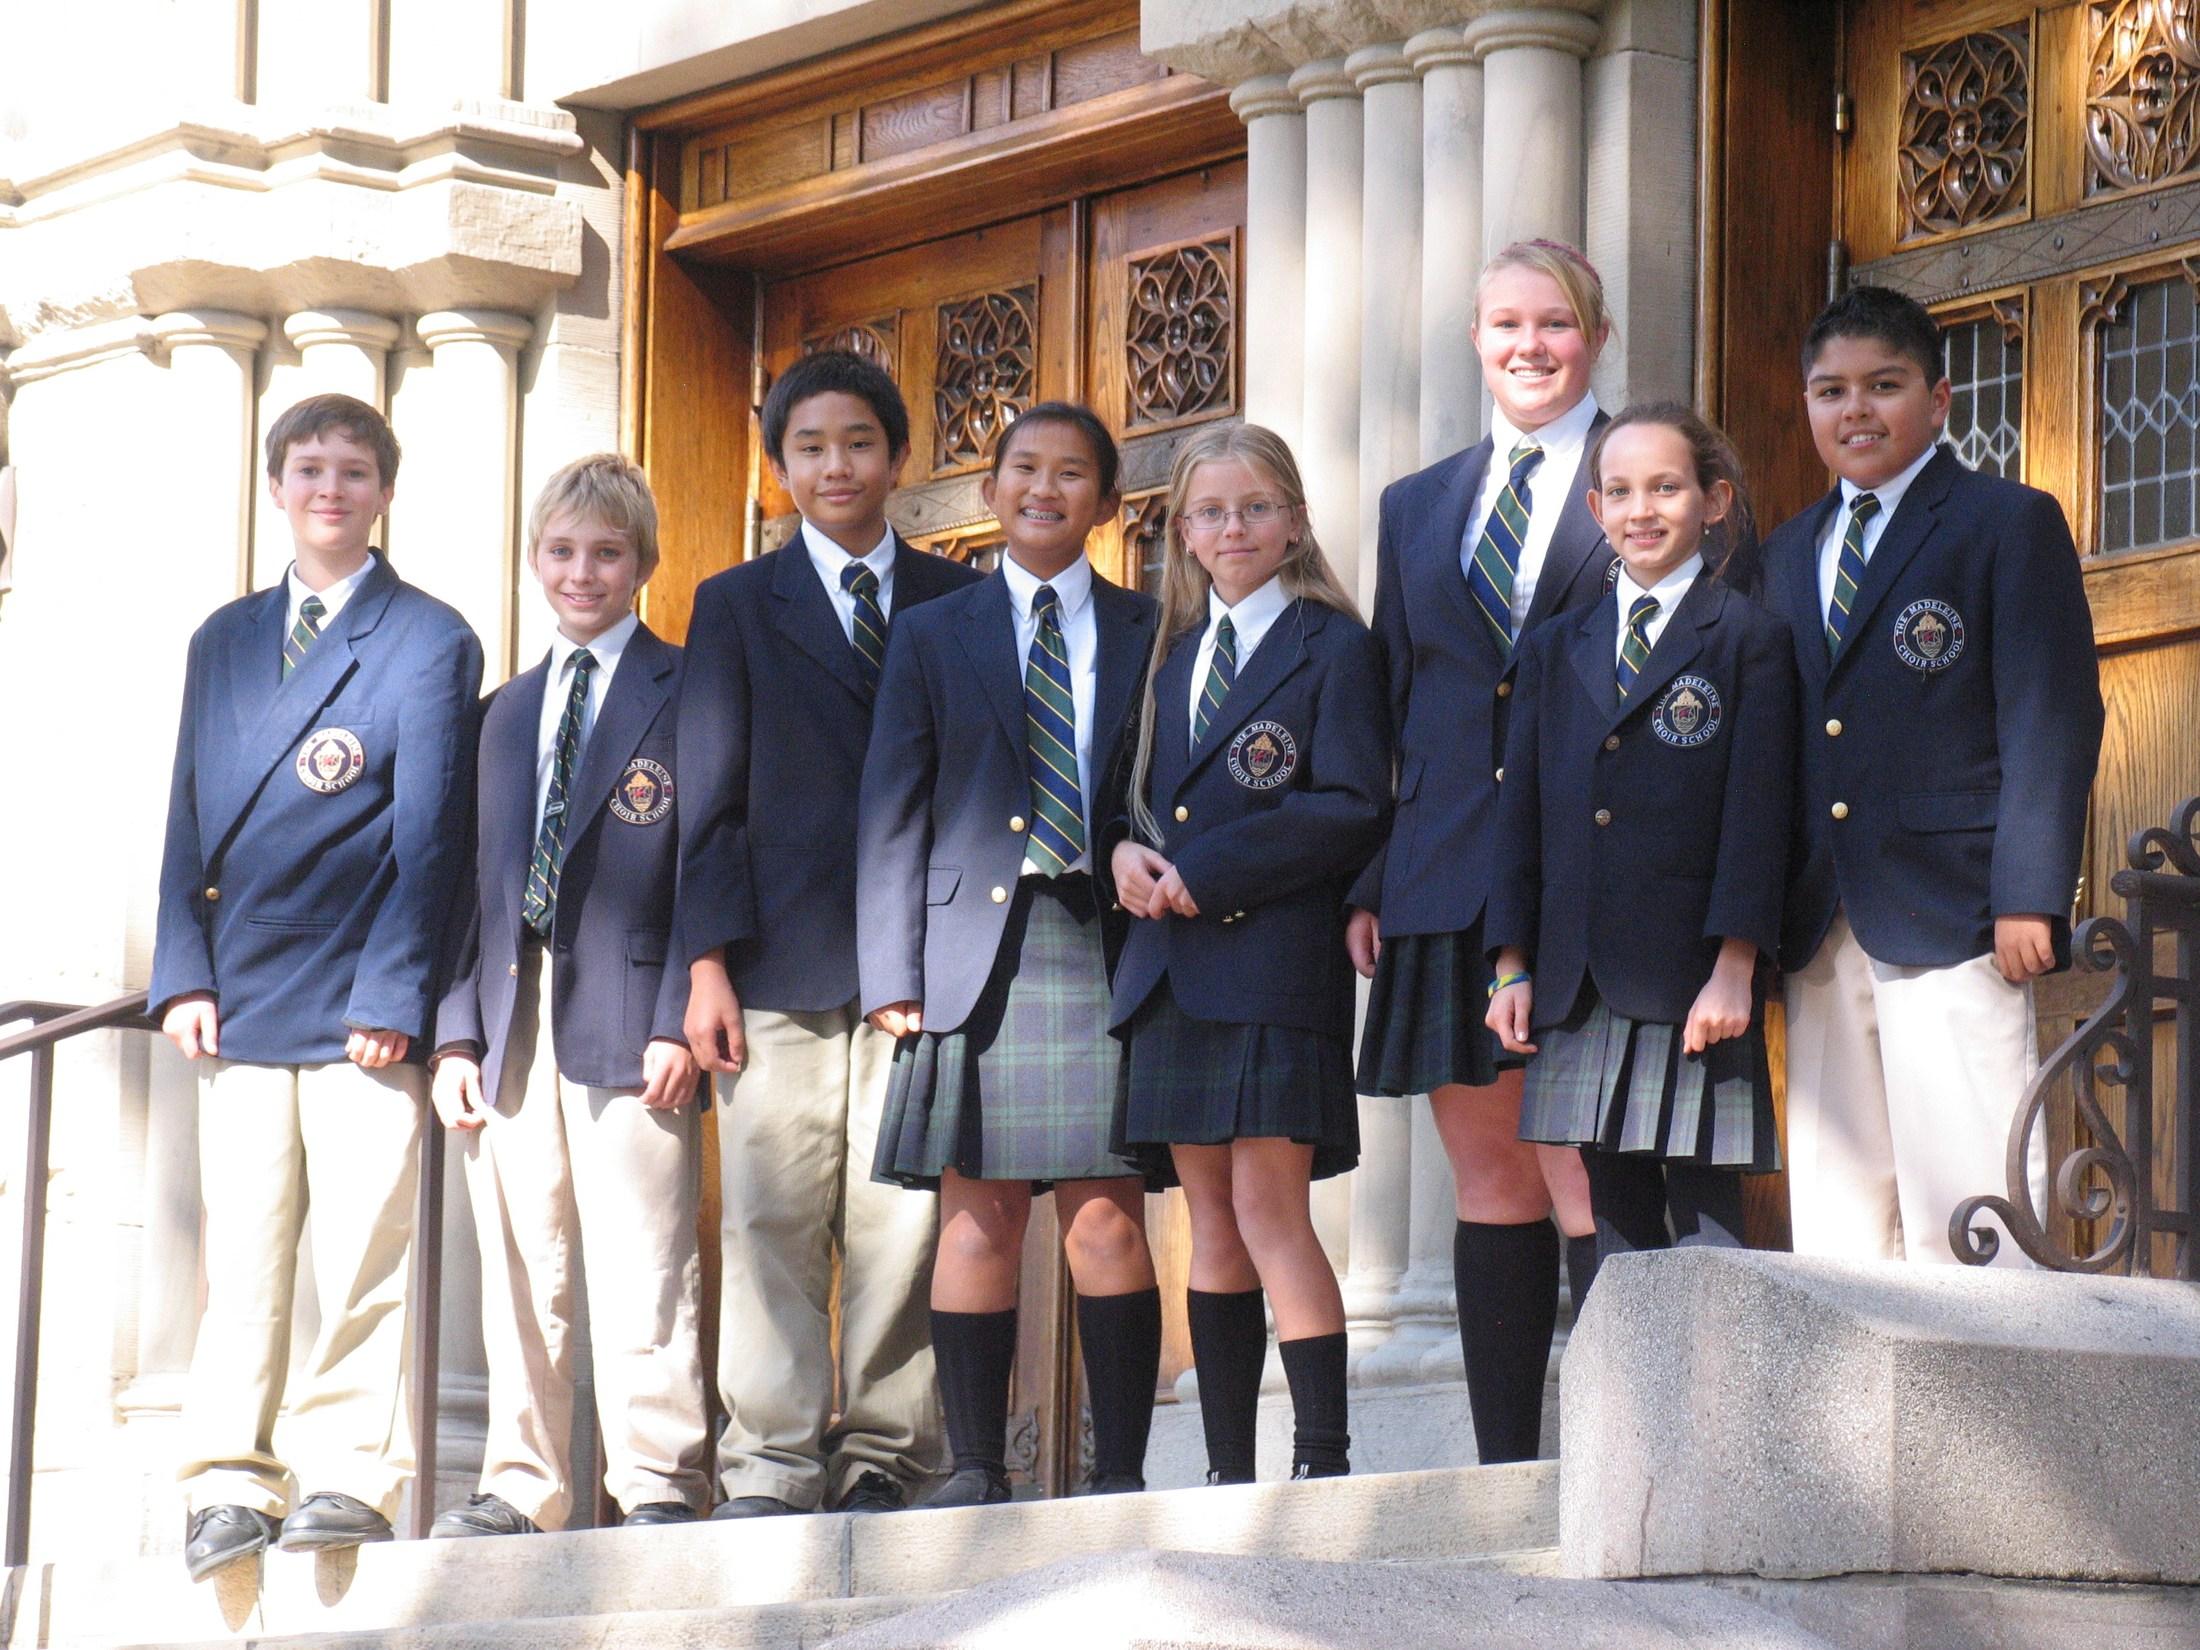 256a879fa1 Uniforms – Supplies   Uniforms – The Madeleine Choir School